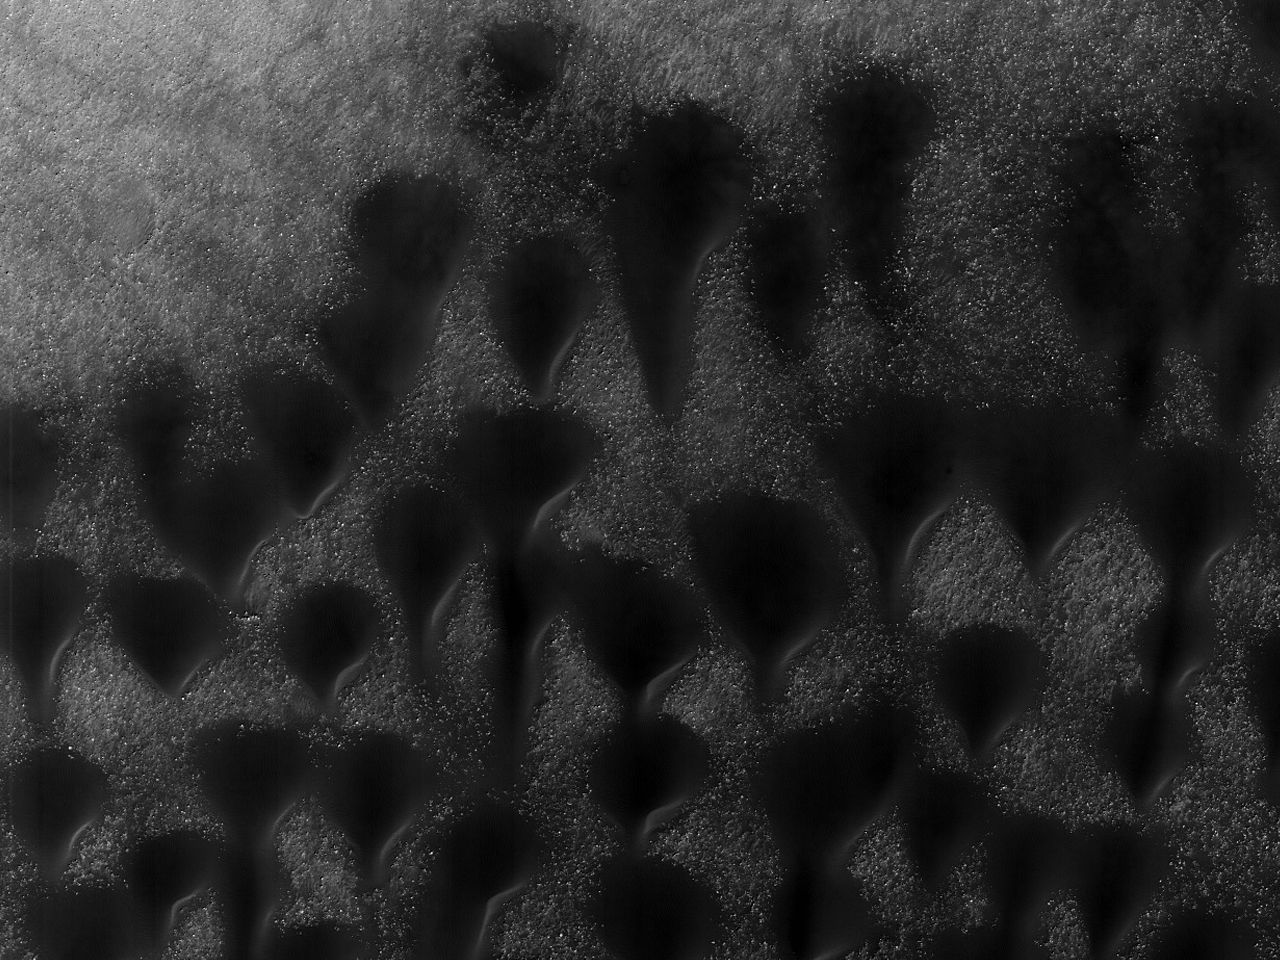 Nydelige sanddyner i et nedslagskrater